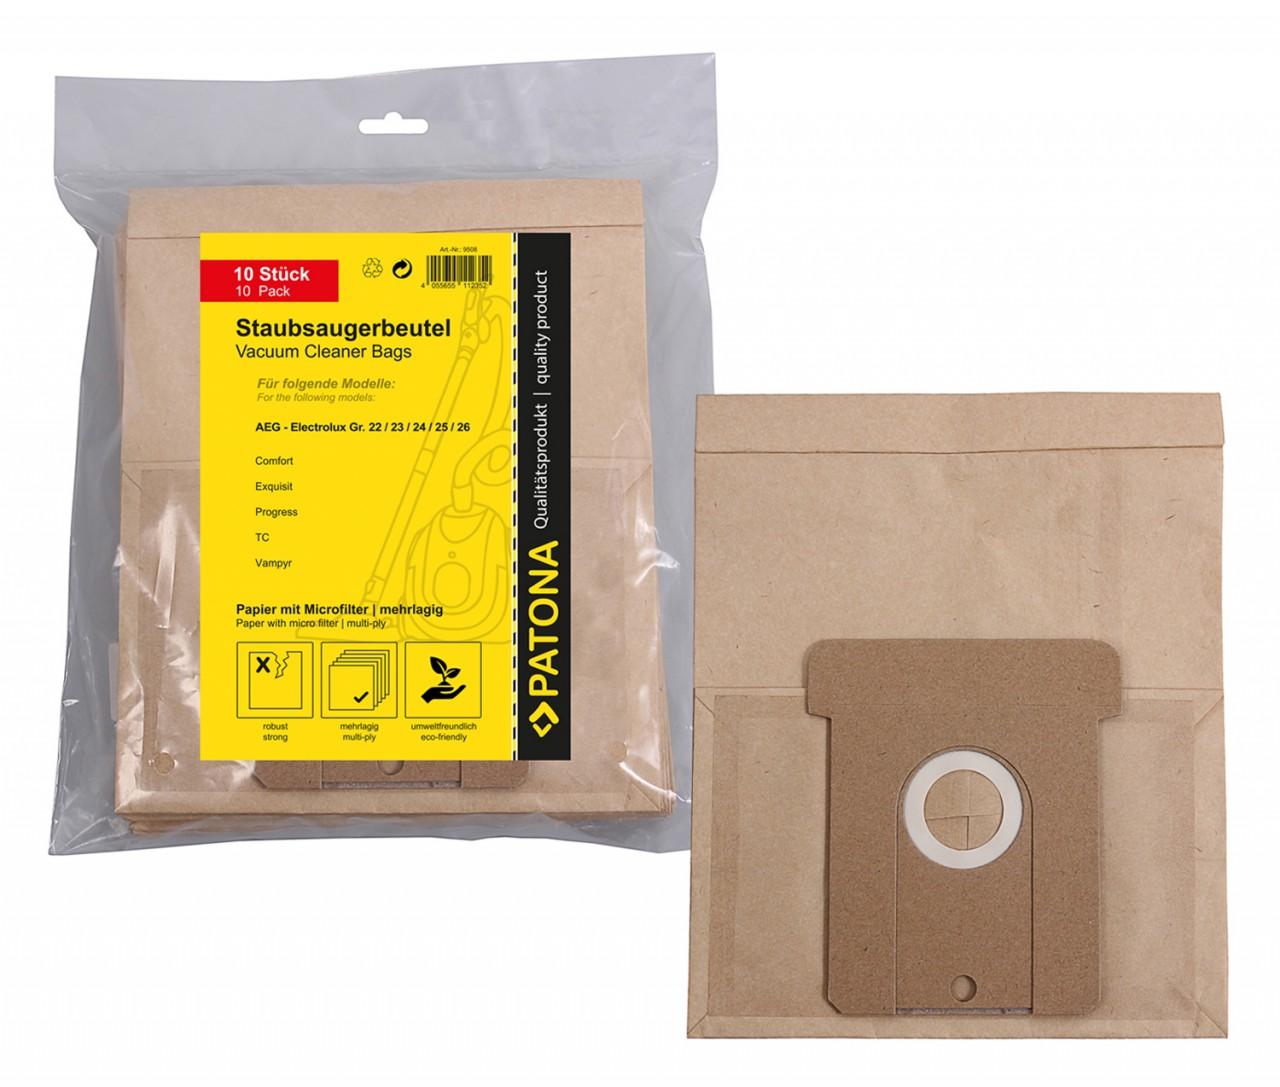 PATONA 10 STOFZUIGER bag multi layer paper incl. Microfilter